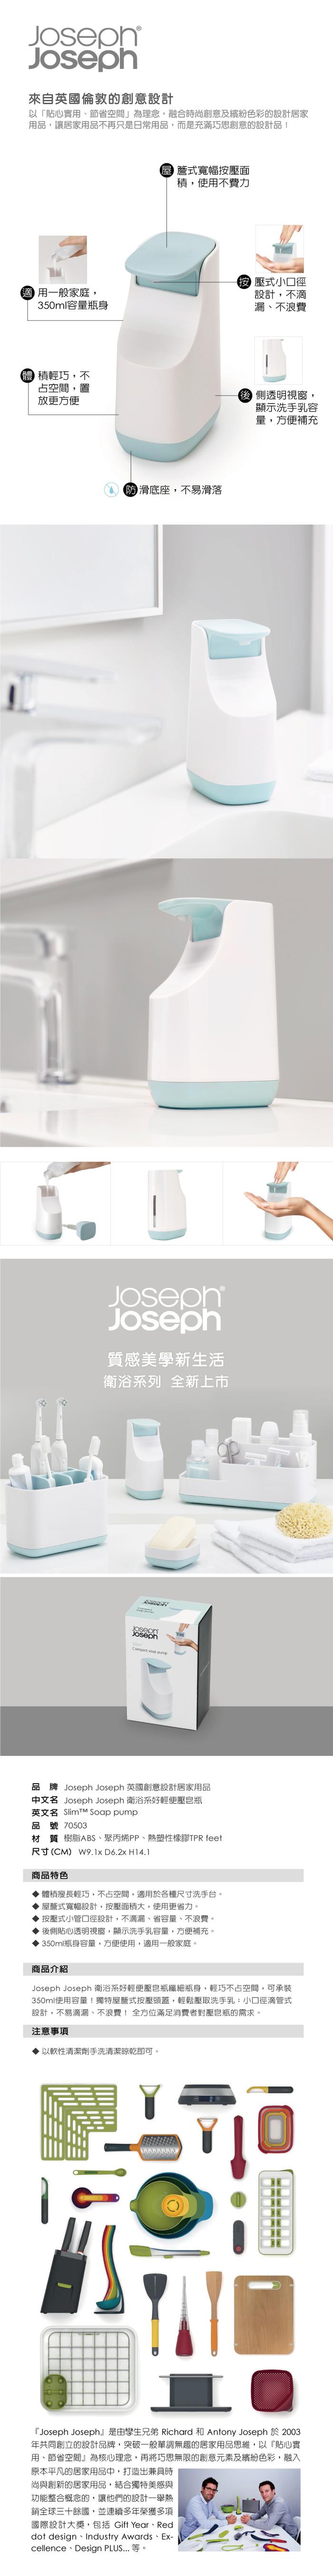 Joseph Joseph|英國創意餐廚  衛浴系好輕便壓皂瓶